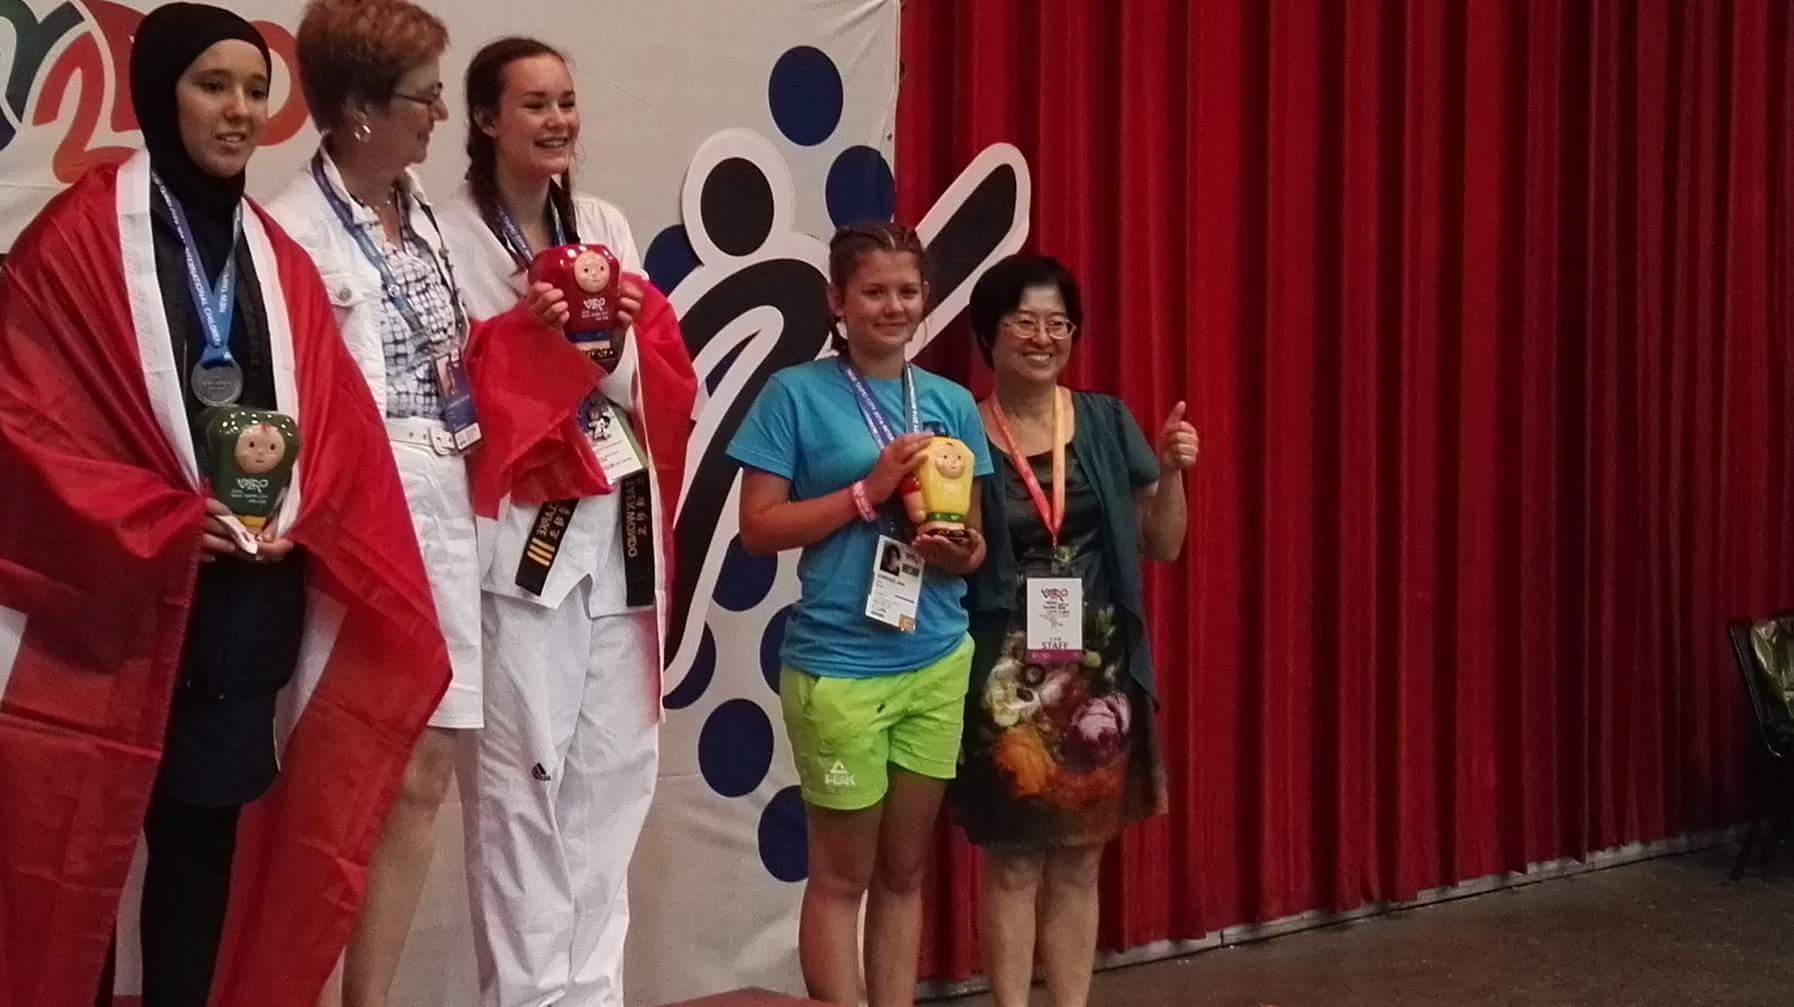 Ana Vornšek članica ŠD Slavko Šlander iz Celja  -  3. Mesto borbe do 63 kg WTF Taekwondo